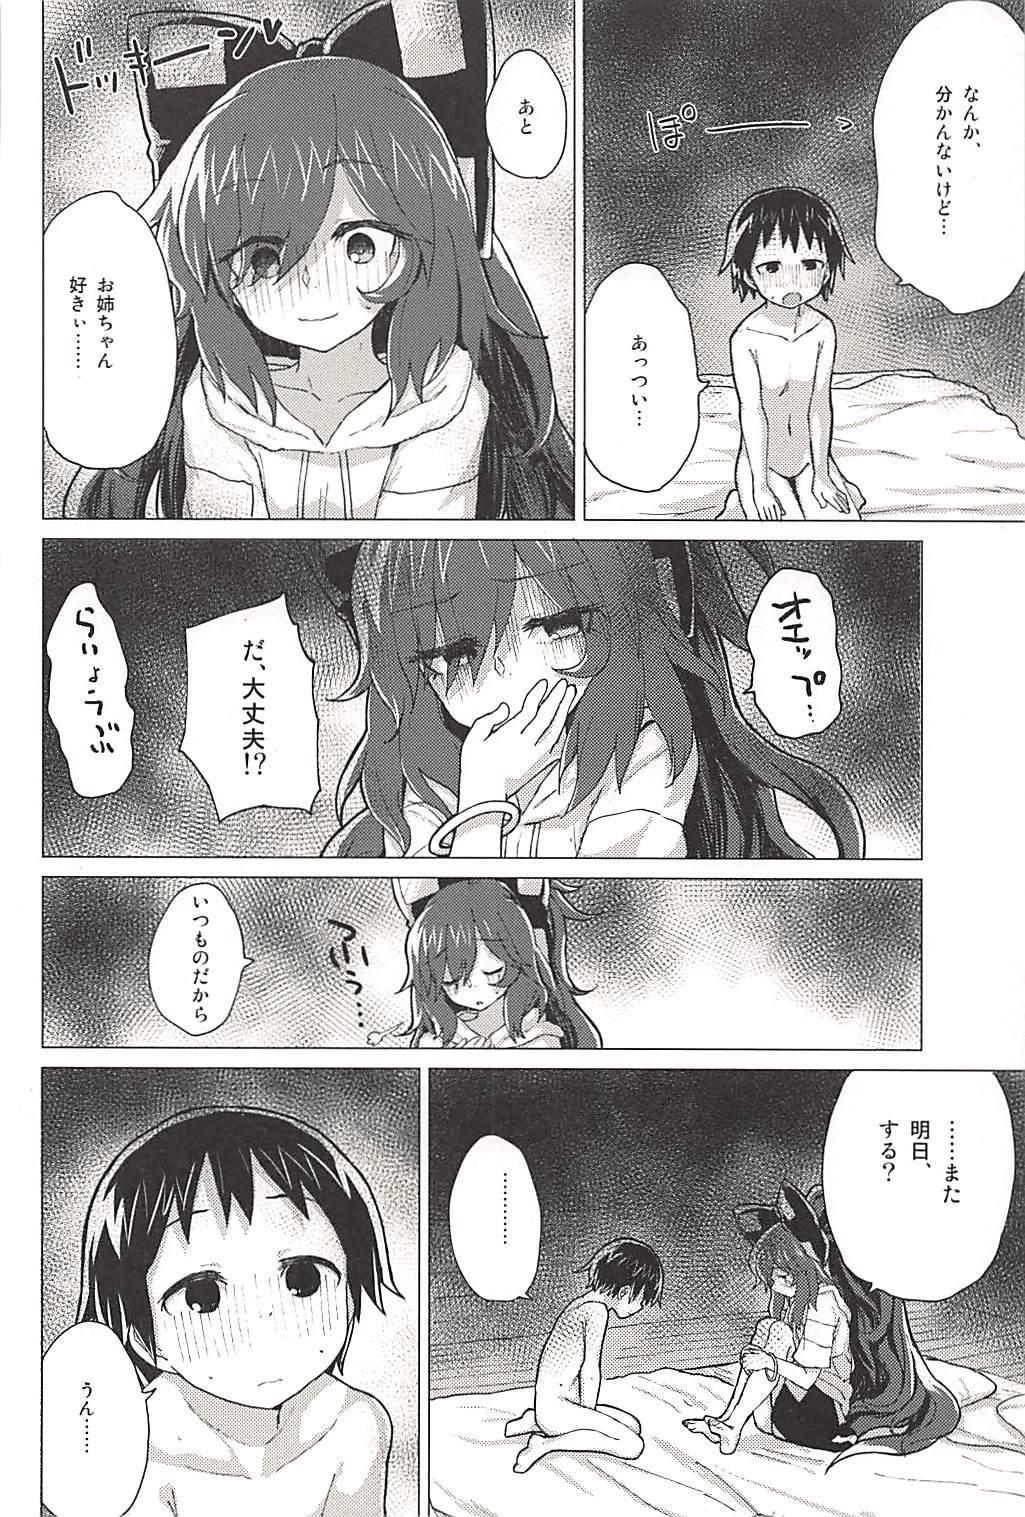 Shion Onee-chan to Kazoku ni Naru Hon 28